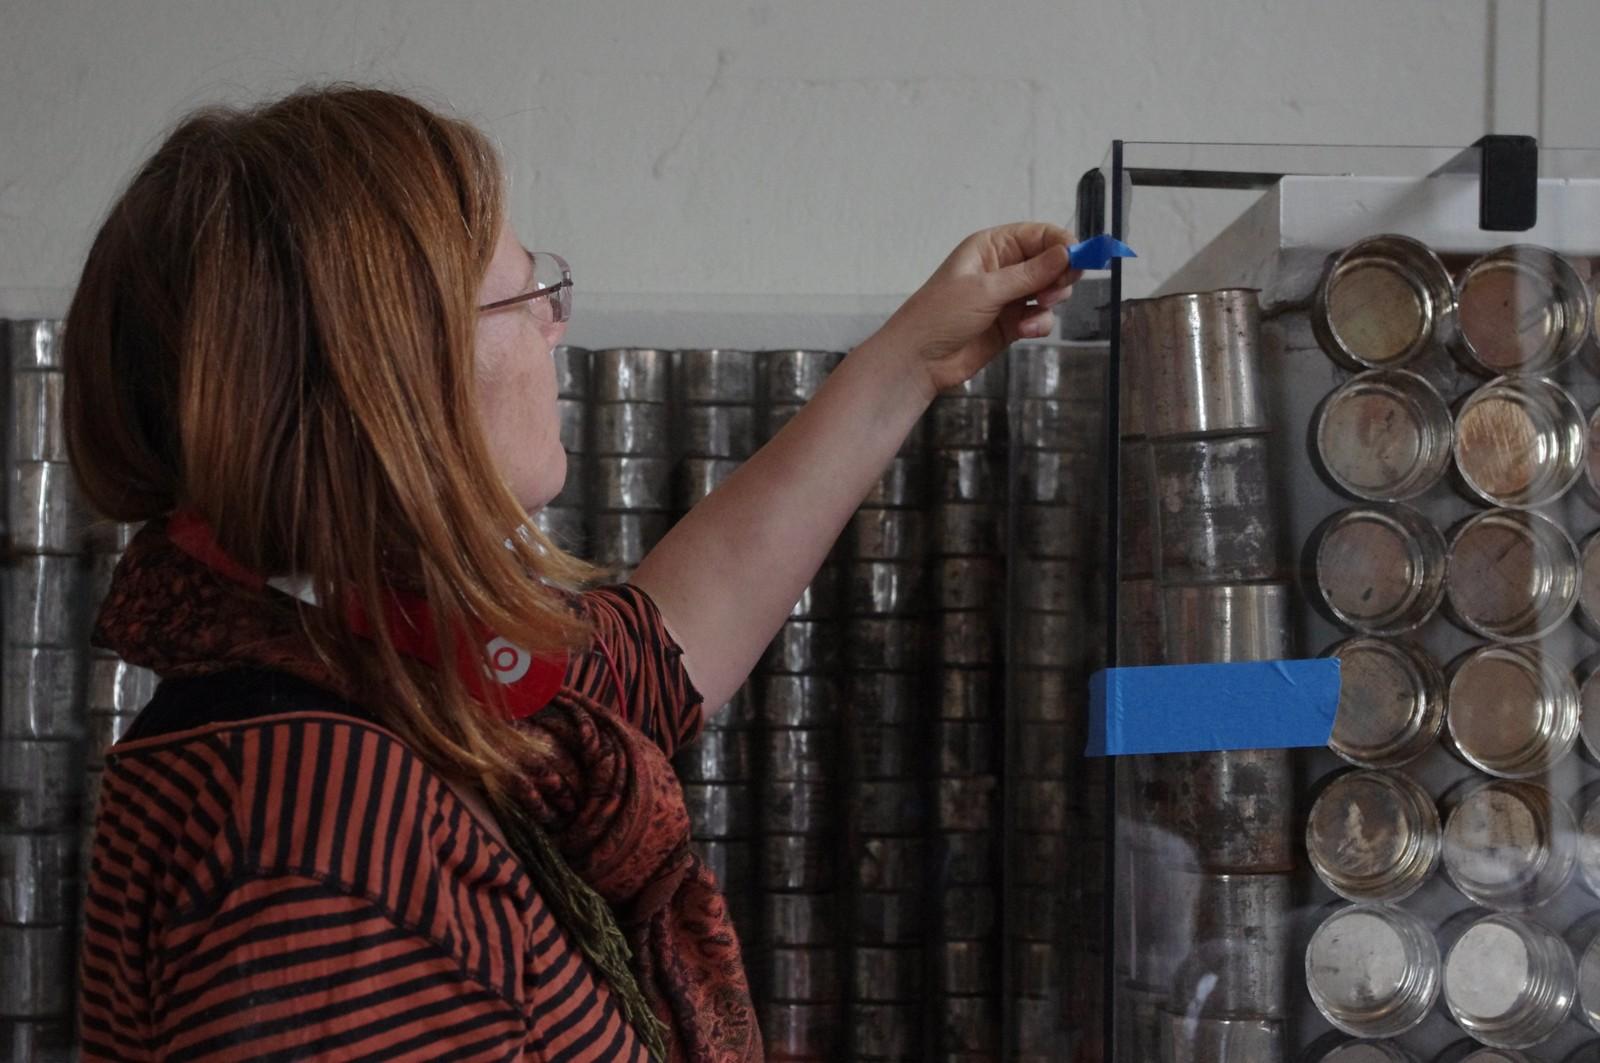 SISTE FINPUSS: Prosjektleder Inger Christine Årstad gjør siste finish på monteret med gamle melkebokser.